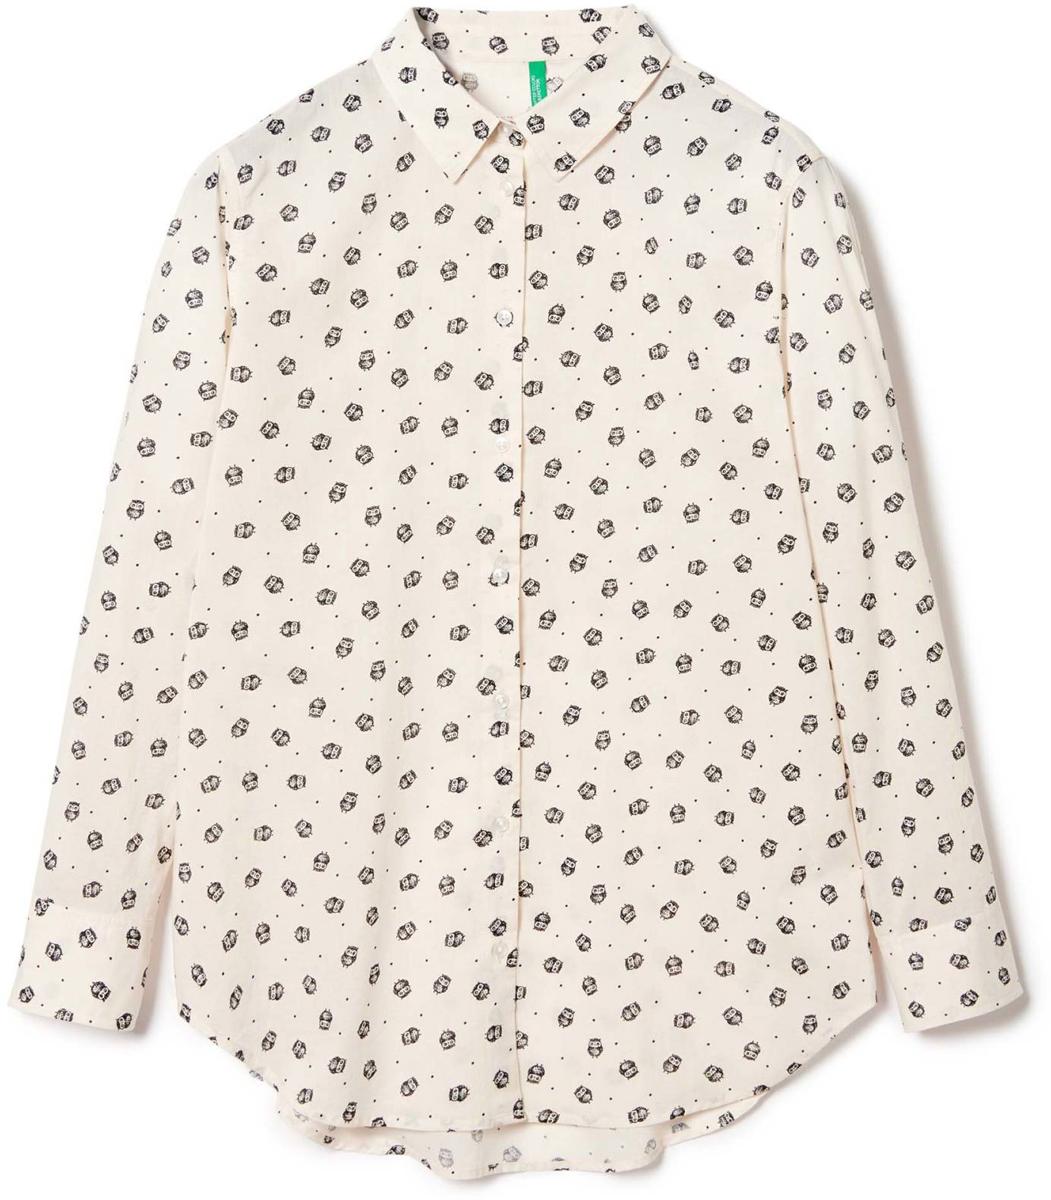 Рубашка жен United Colors of Benetton, цвет: белый, совы. 5DFX5Q715_911. Размер S (42/44) отпариватели philips ручной отпариватель для одежды philips gc330 40